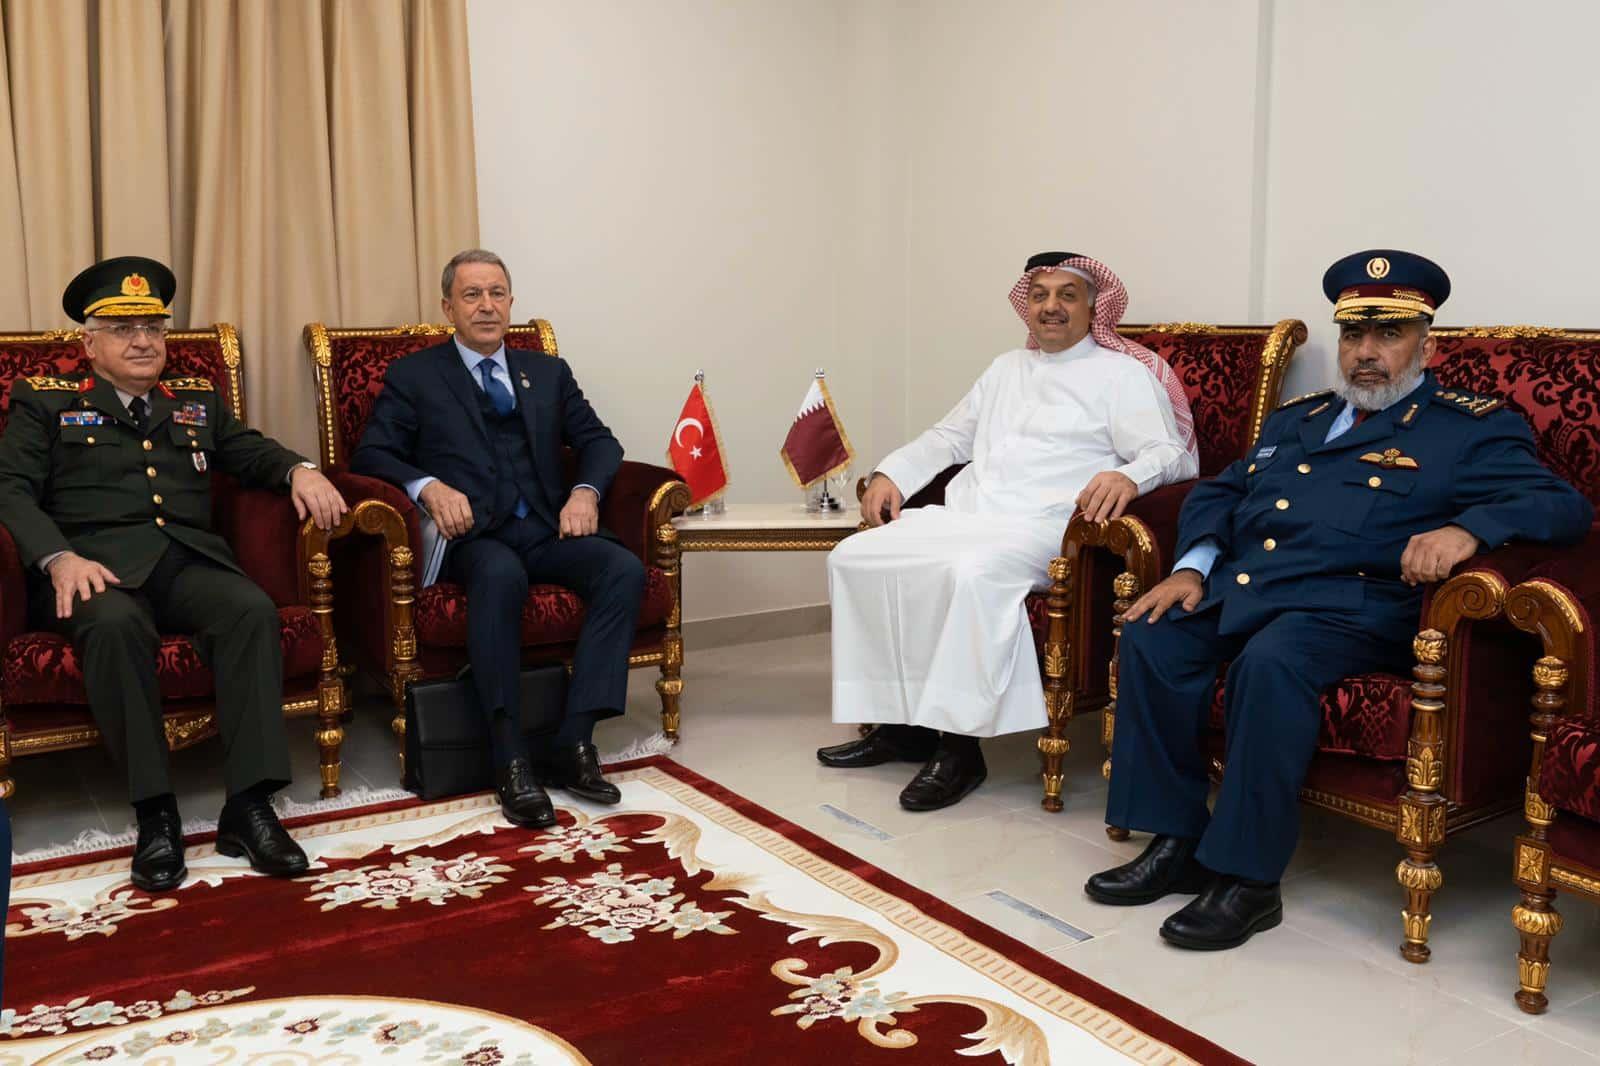 اتفاقية عسكرية جديدة بين قطر و تركيا